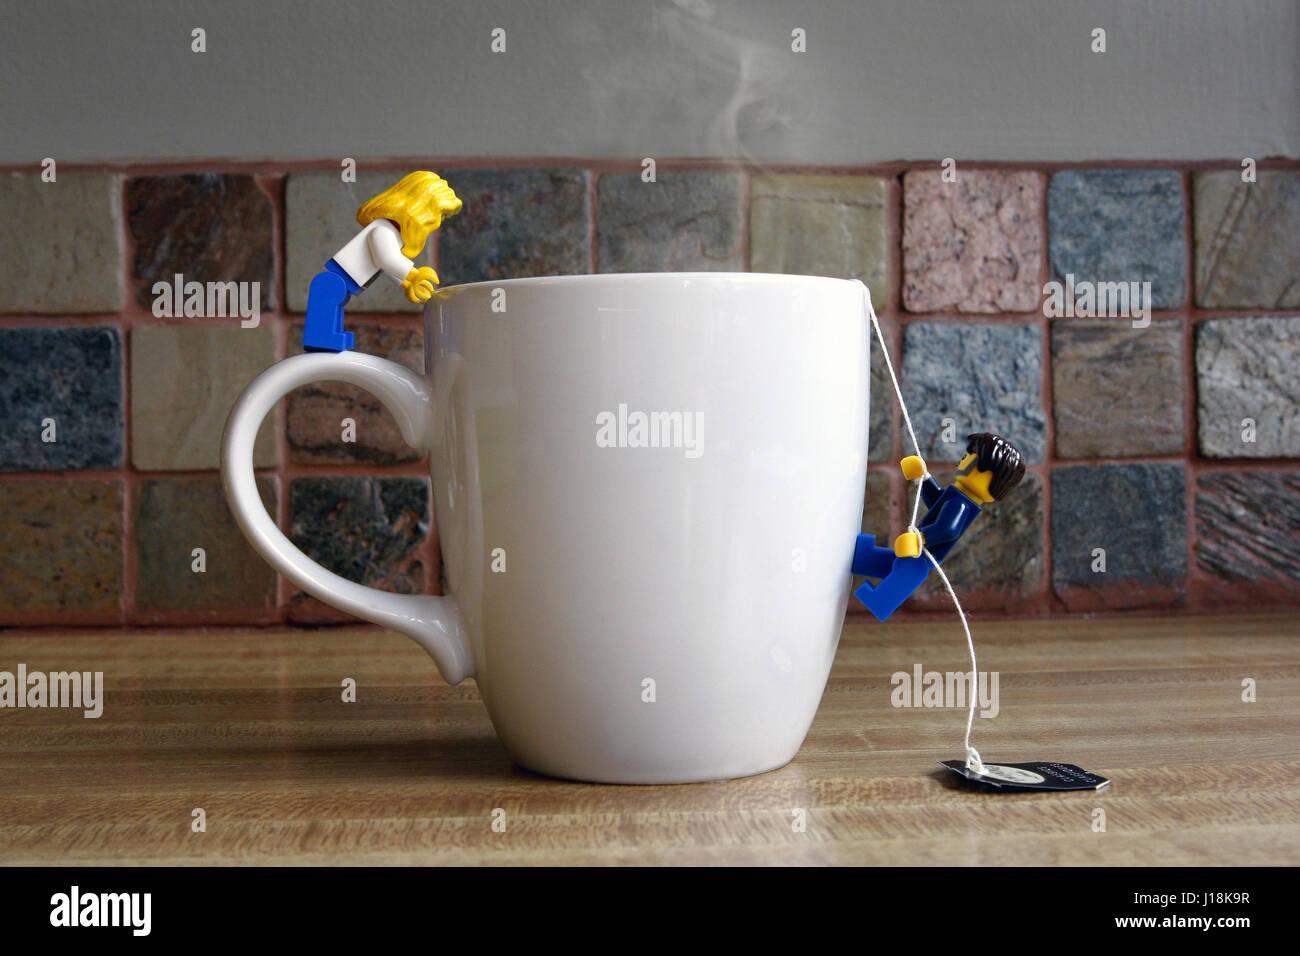 Male and female lego people climbing into a mug of tea - Stock Image